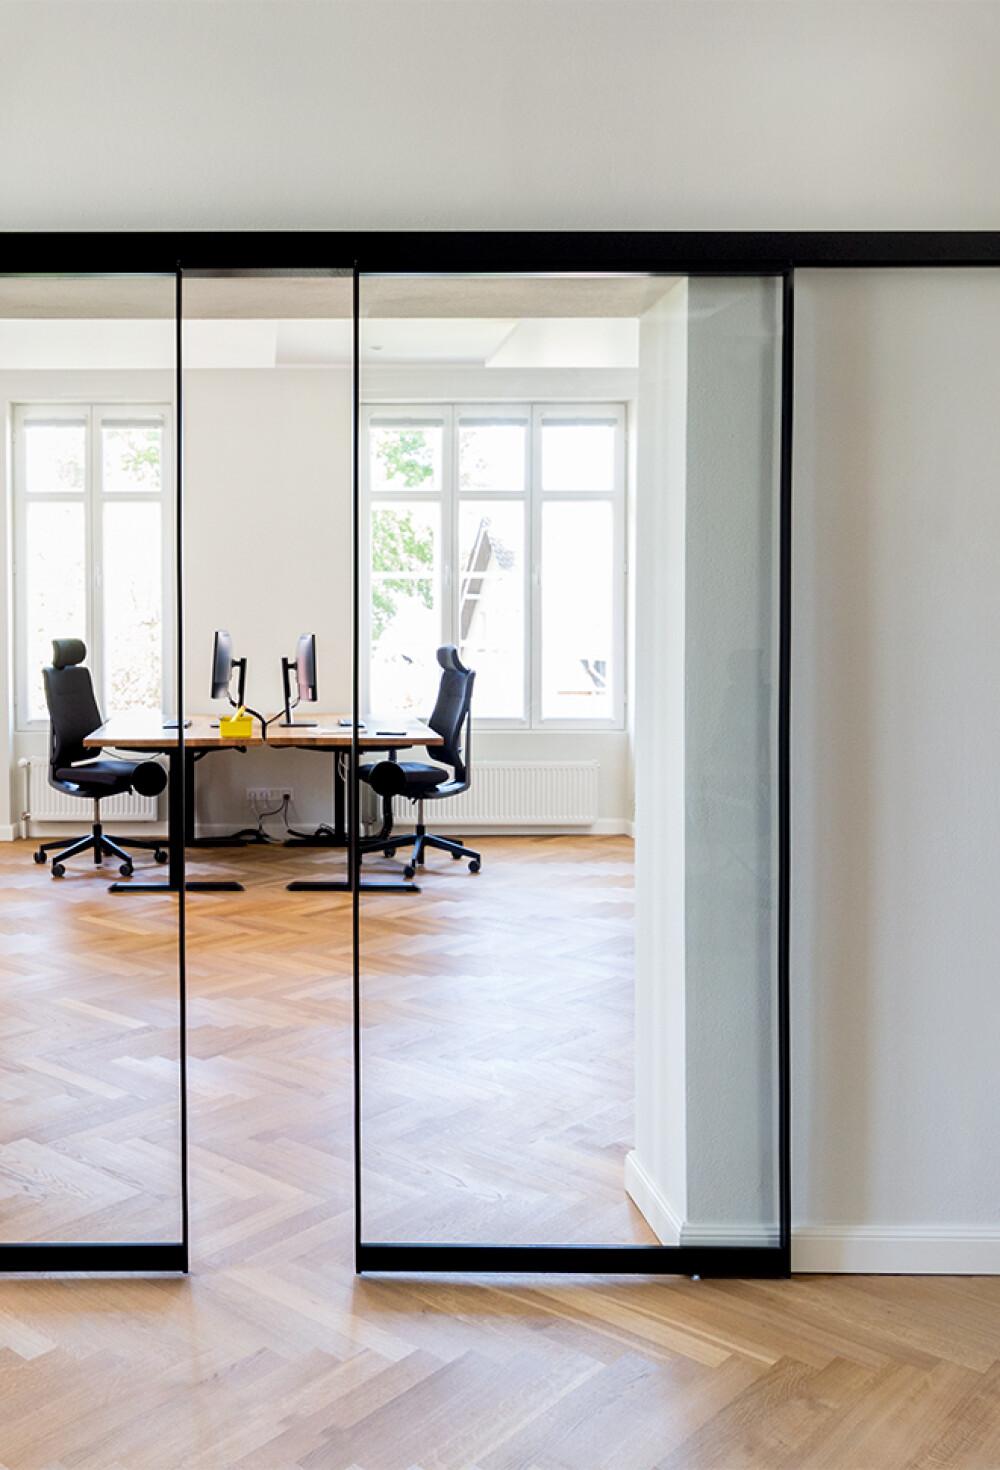 Alurahmen-Schiebetür AR10 als Durchgangstür im Büro